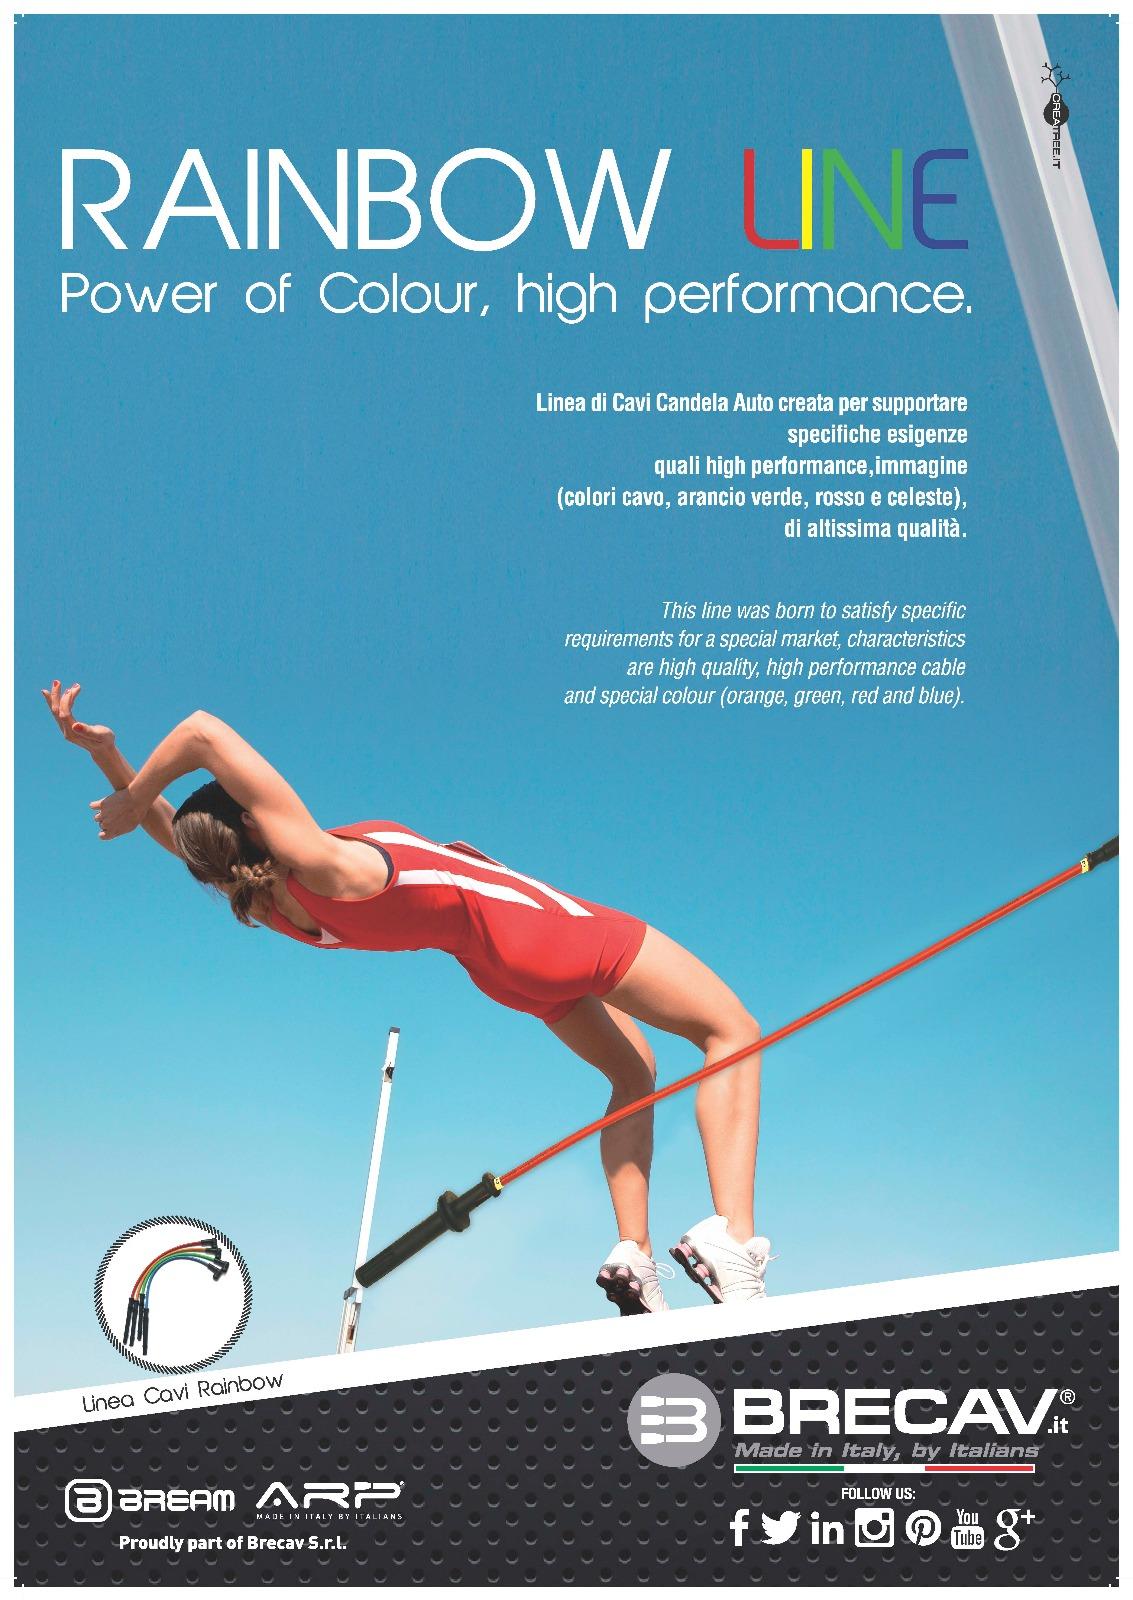 Rainbow LINE – Power of Colour, high performance